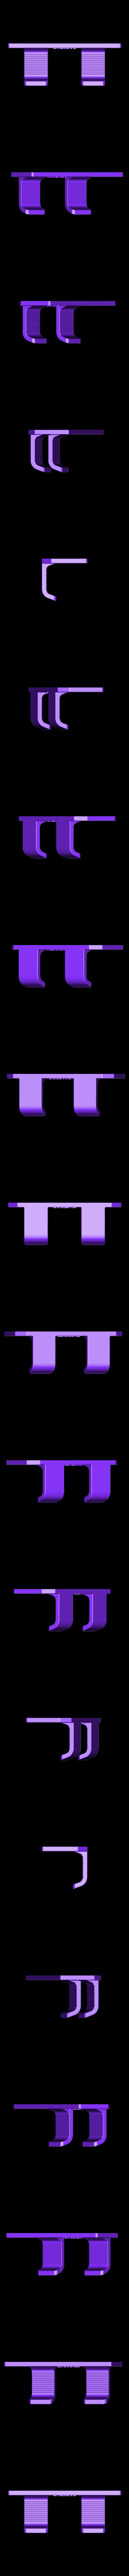 enforce_16_screws.stl Download free STL file Tool Holder for Claw Hammer 16oz 034 I ENFORCE I for screws or peg board • 3D printer design, Wiesemann1893